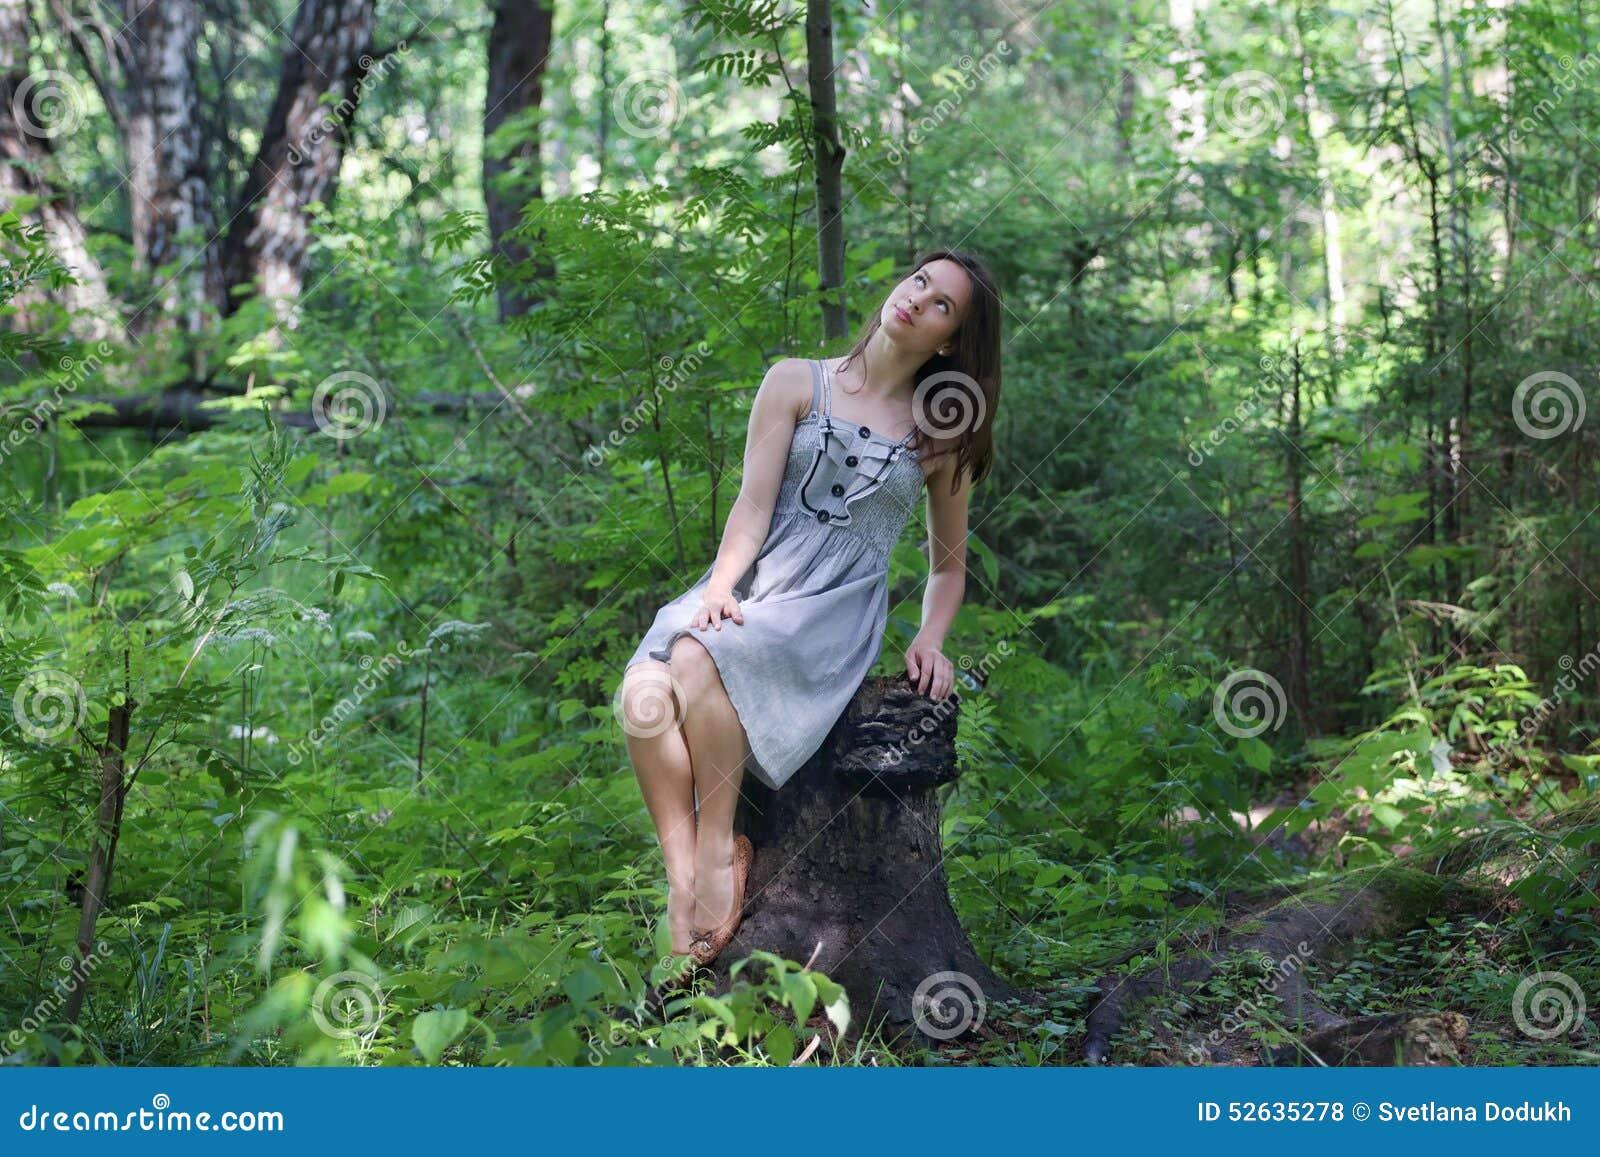 Секс на леса русские, Порно в лесу, секс на природе смотреть онлайн 18 фотография